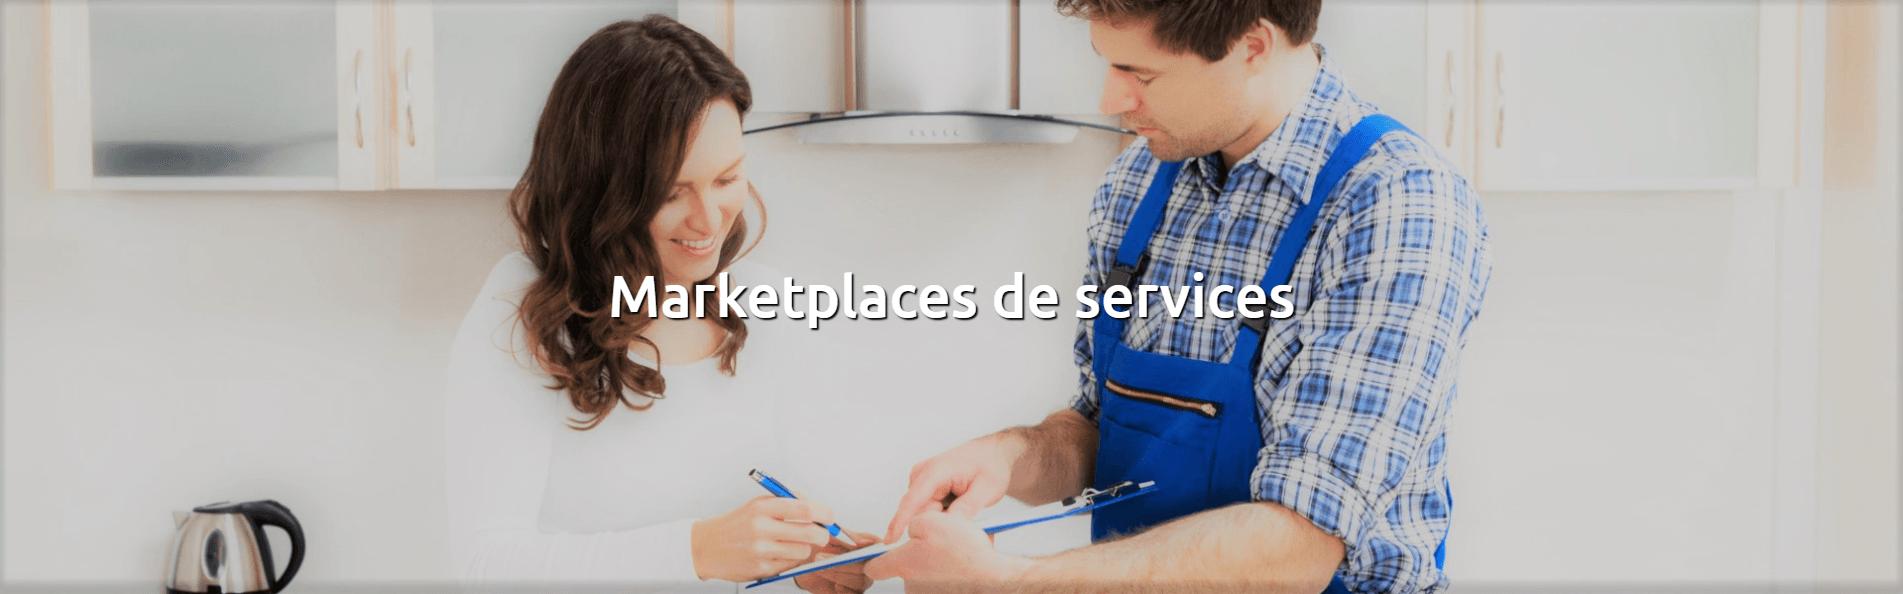 Marketplace de services